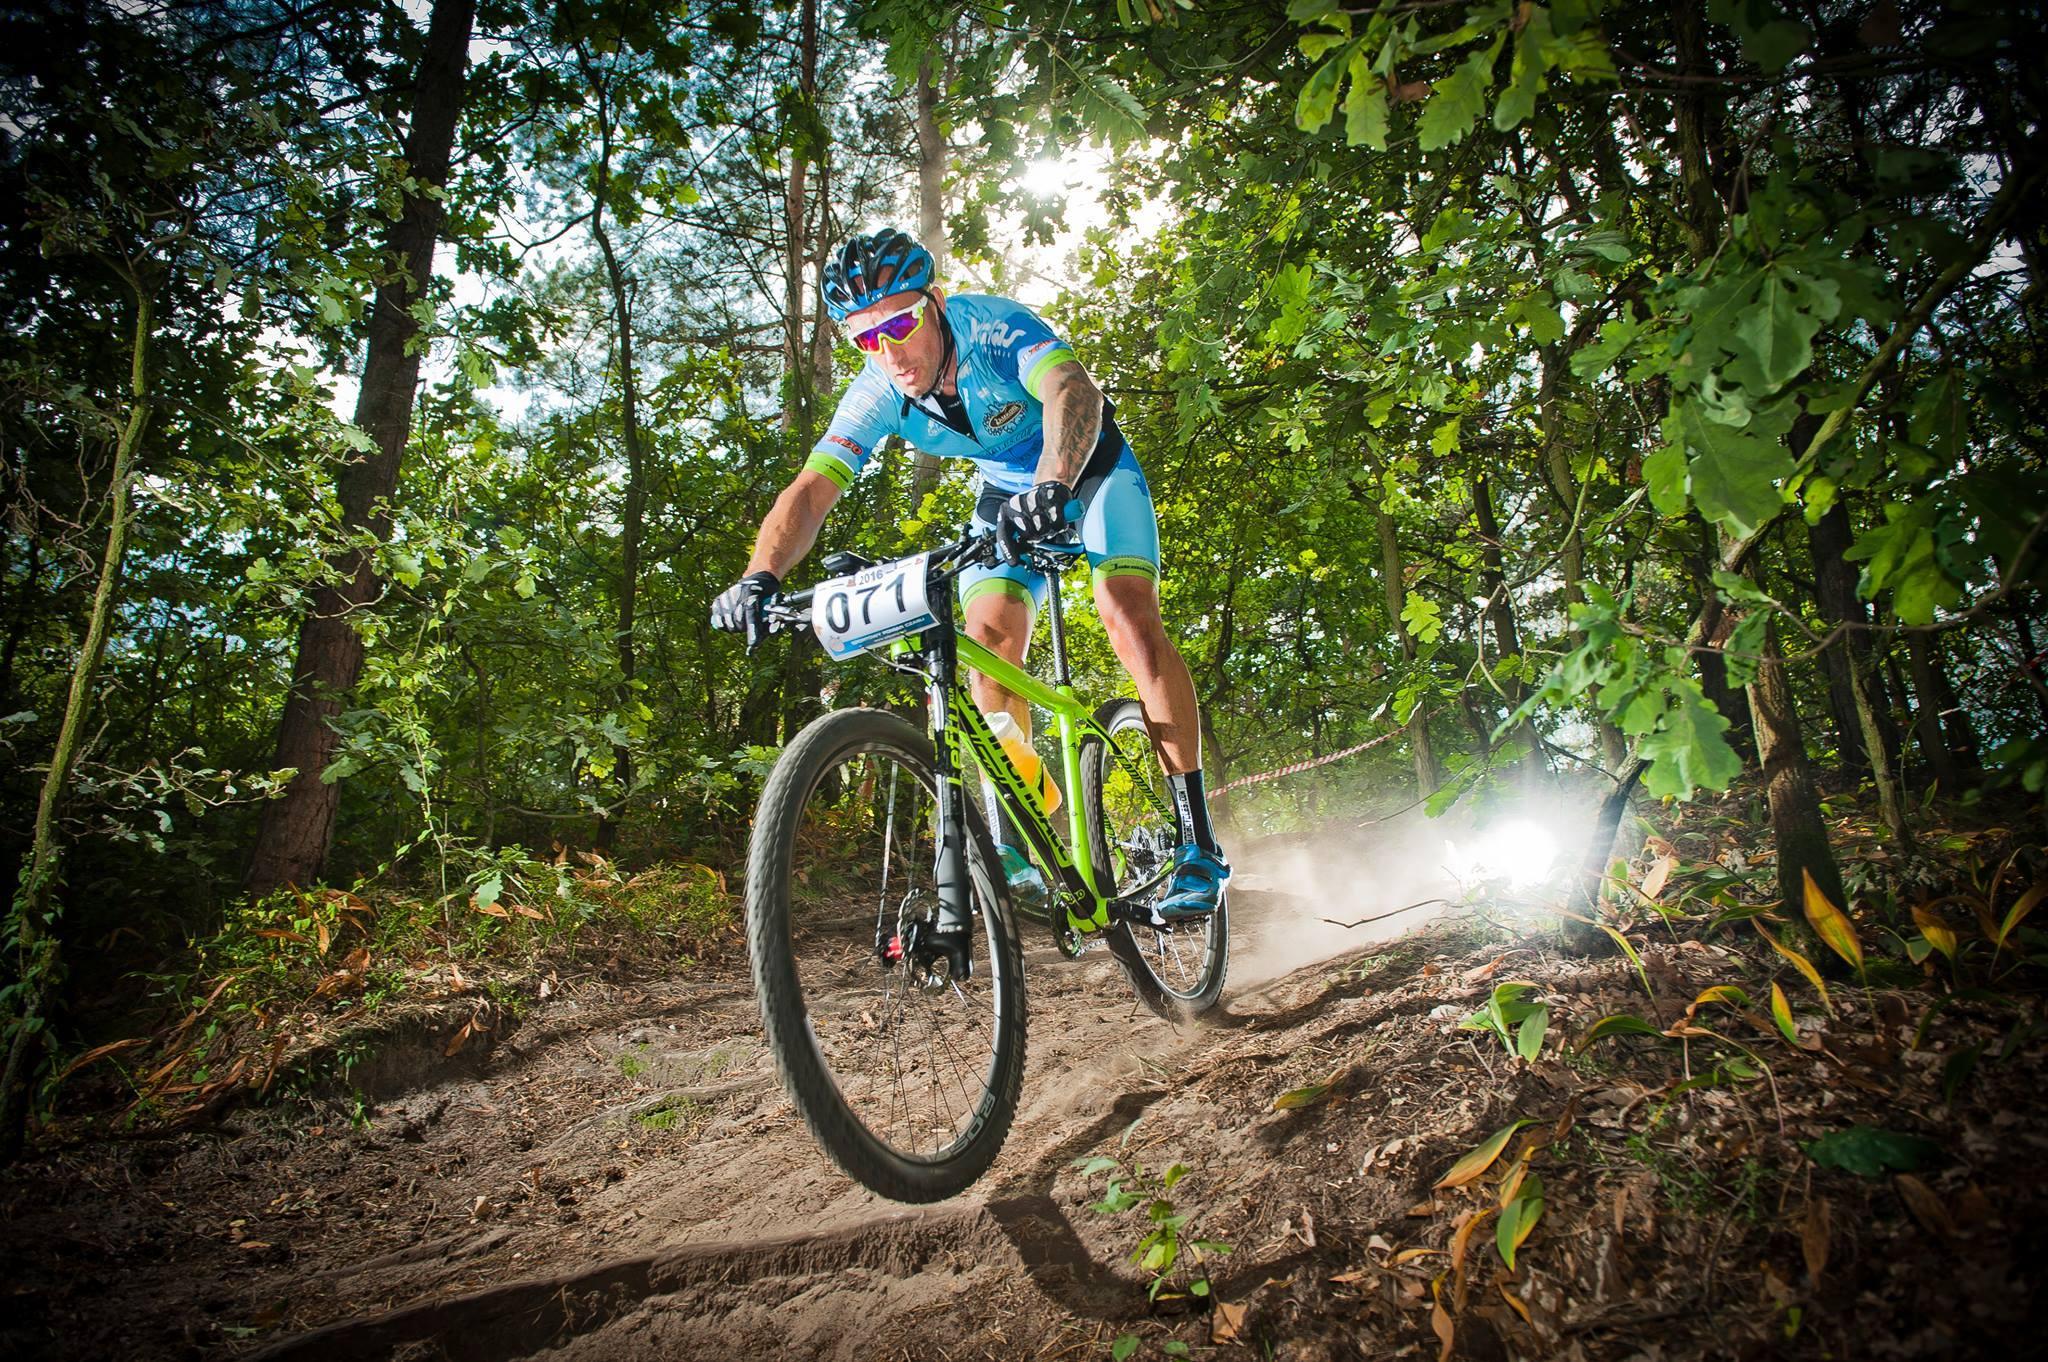 Jakub Wolcendorf (Jakoobcycles.com) – Puchar Mazowsza MTB XC, Kobyłka